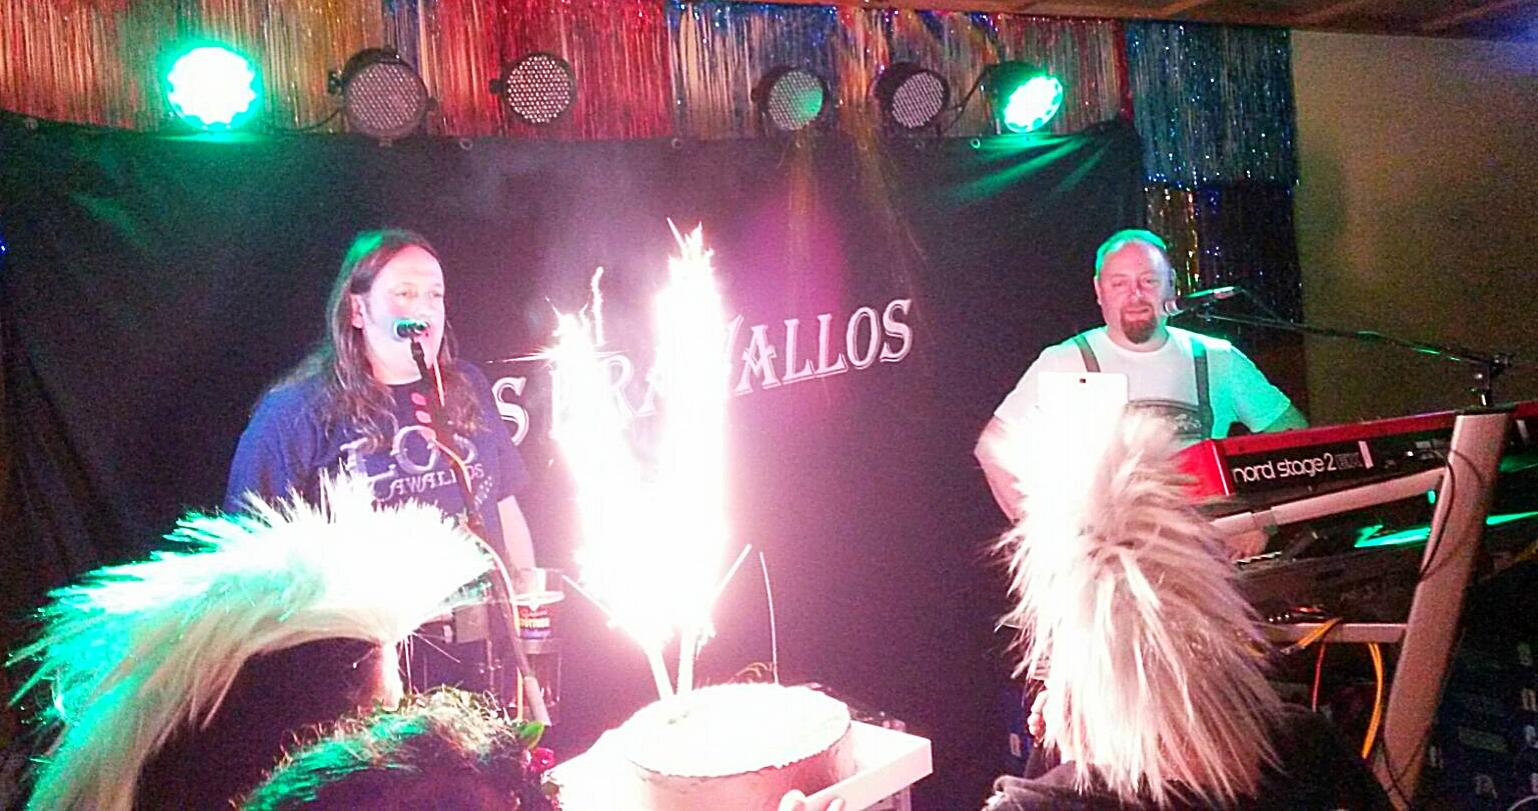 Zum Abschied gabs eine Torte für unsere Band Los Krawallos.